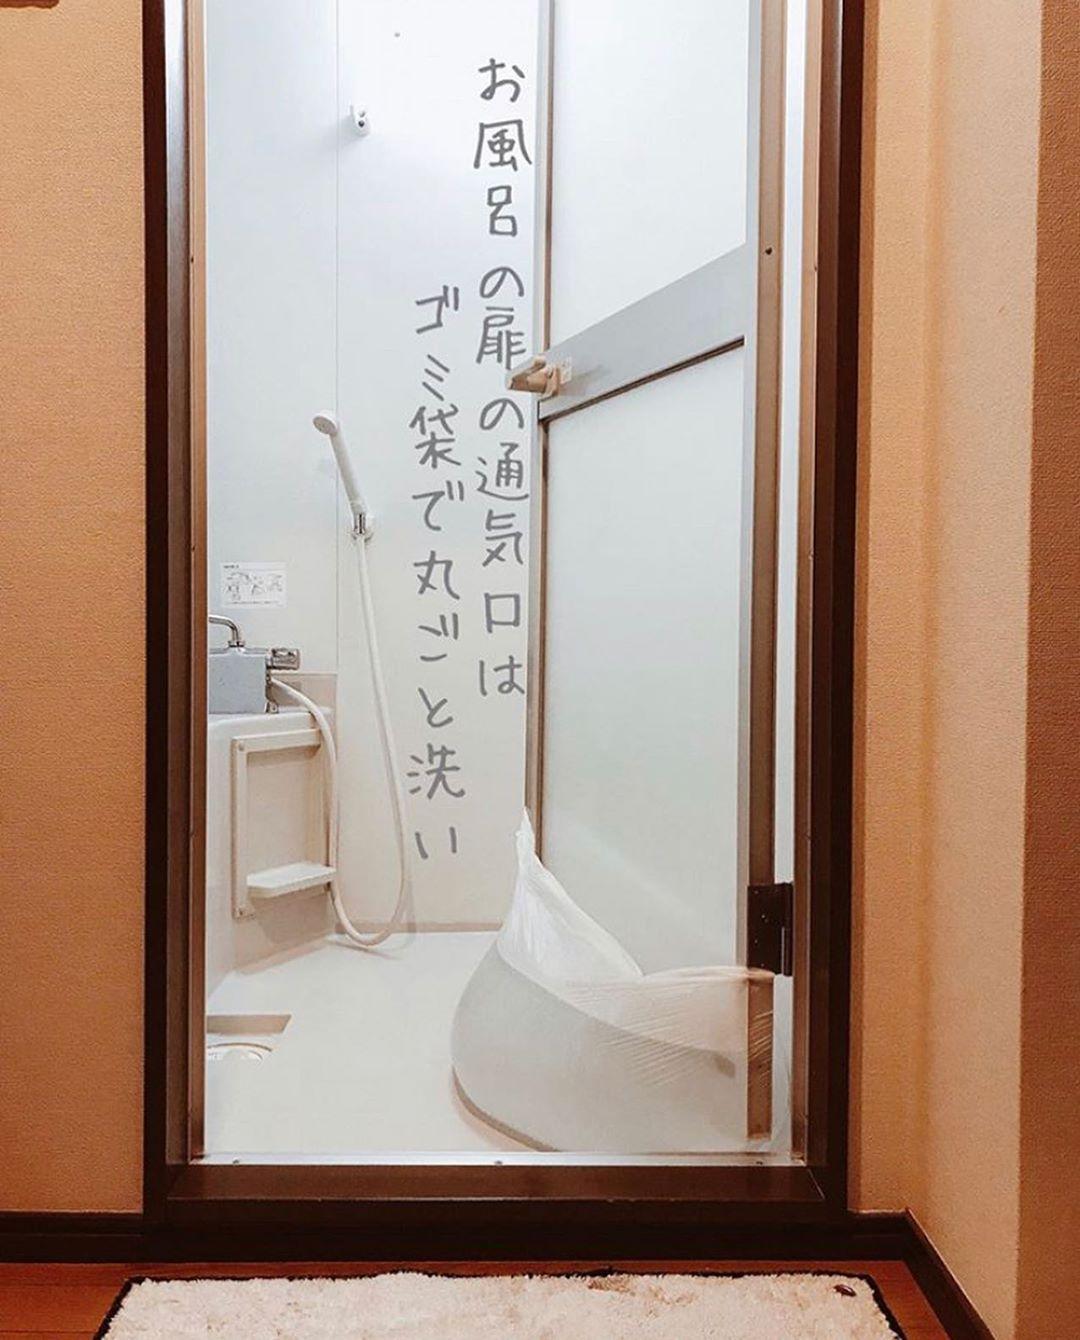 小学館 Kufura クフラ On Instagram お風呂の扉 ゴミ袋で丸ごと